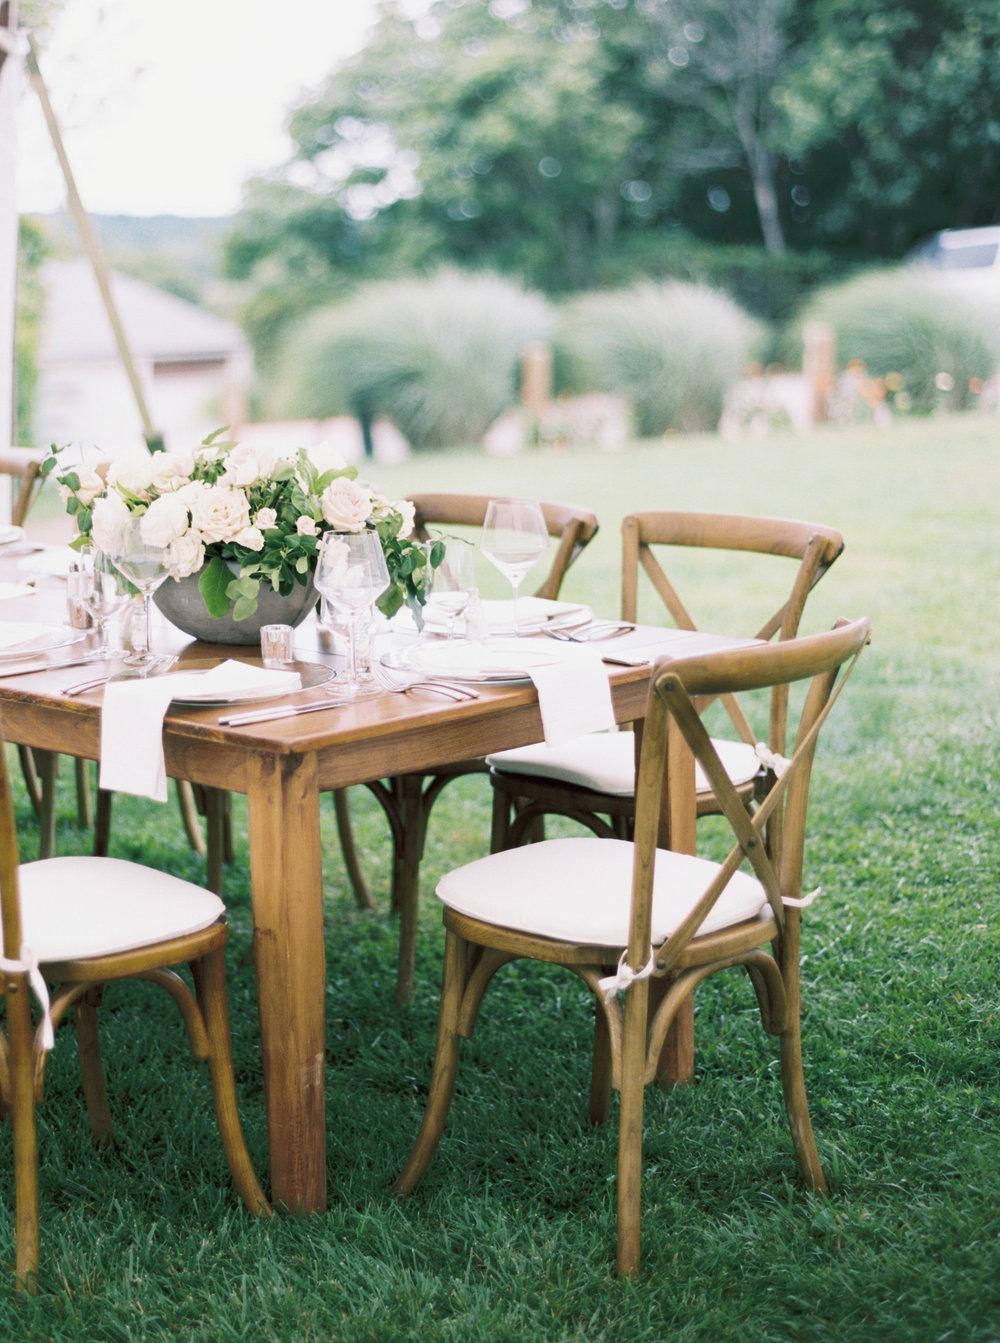 Les Fleurs Andover garden wedding farm table centerpiece cream roses